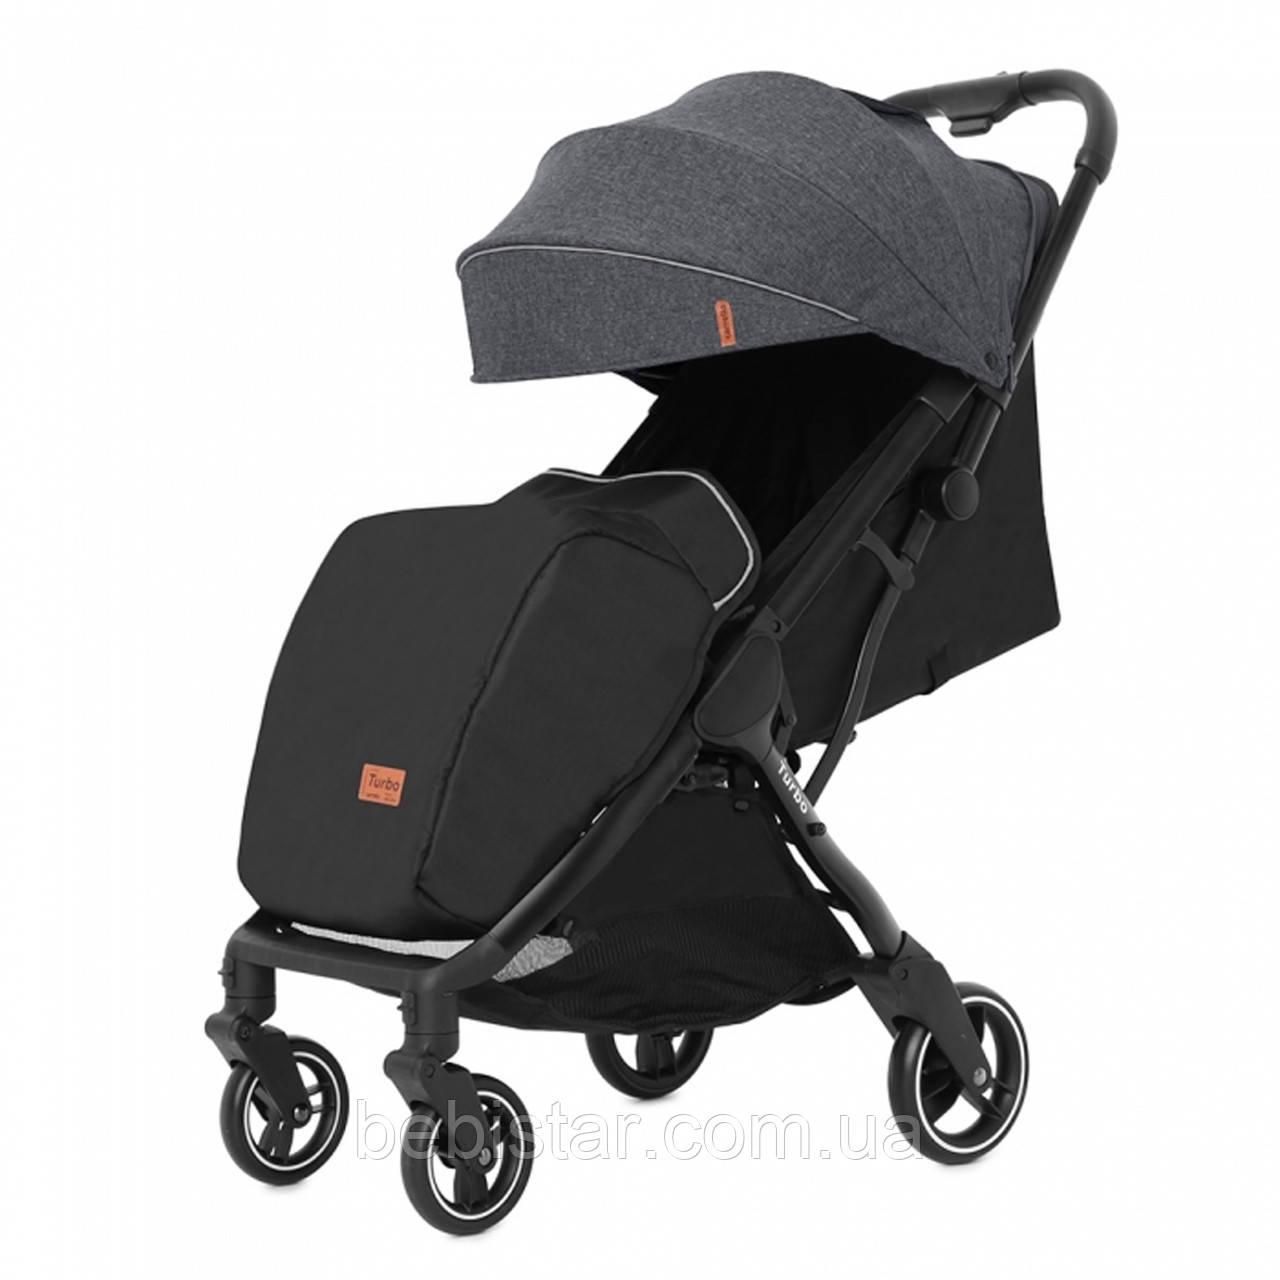 Детская прогулочная коляска темно-серая Carrello Turbo черная рама утеплённый чехол для ножек дождевик